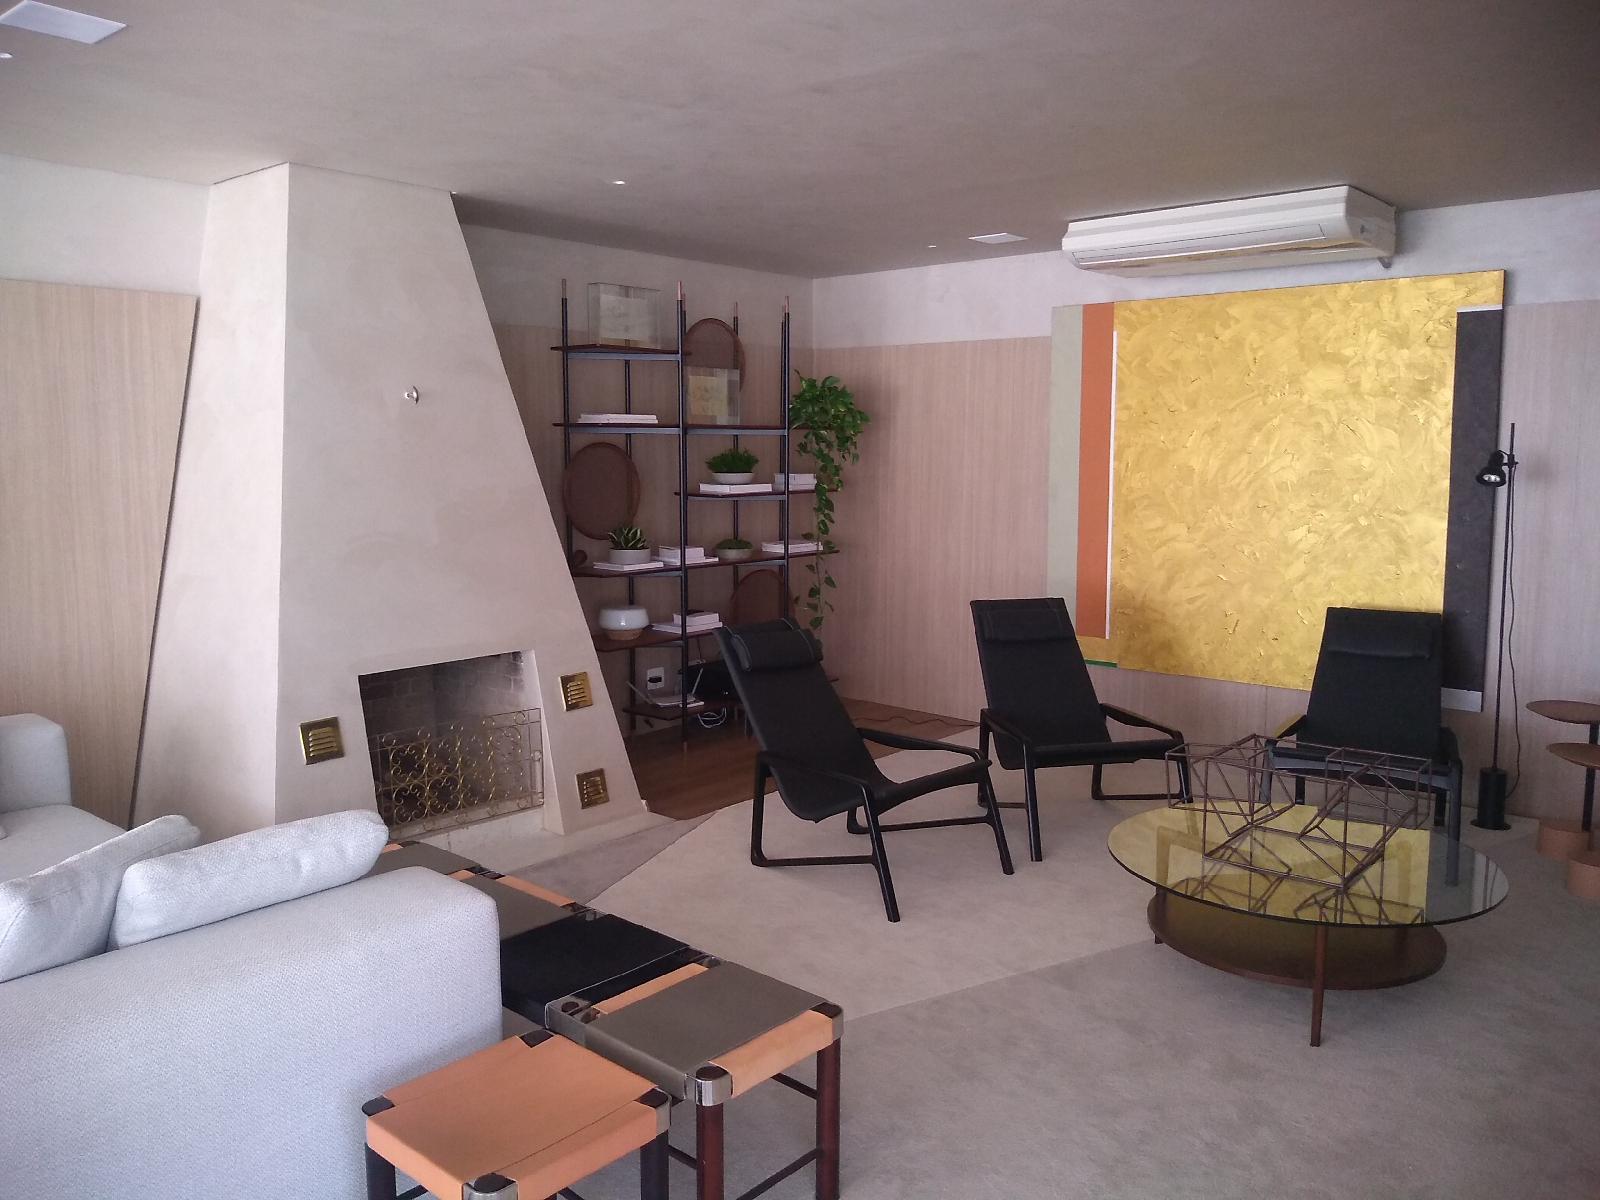 Ambiente com pintura decorativa Velvet